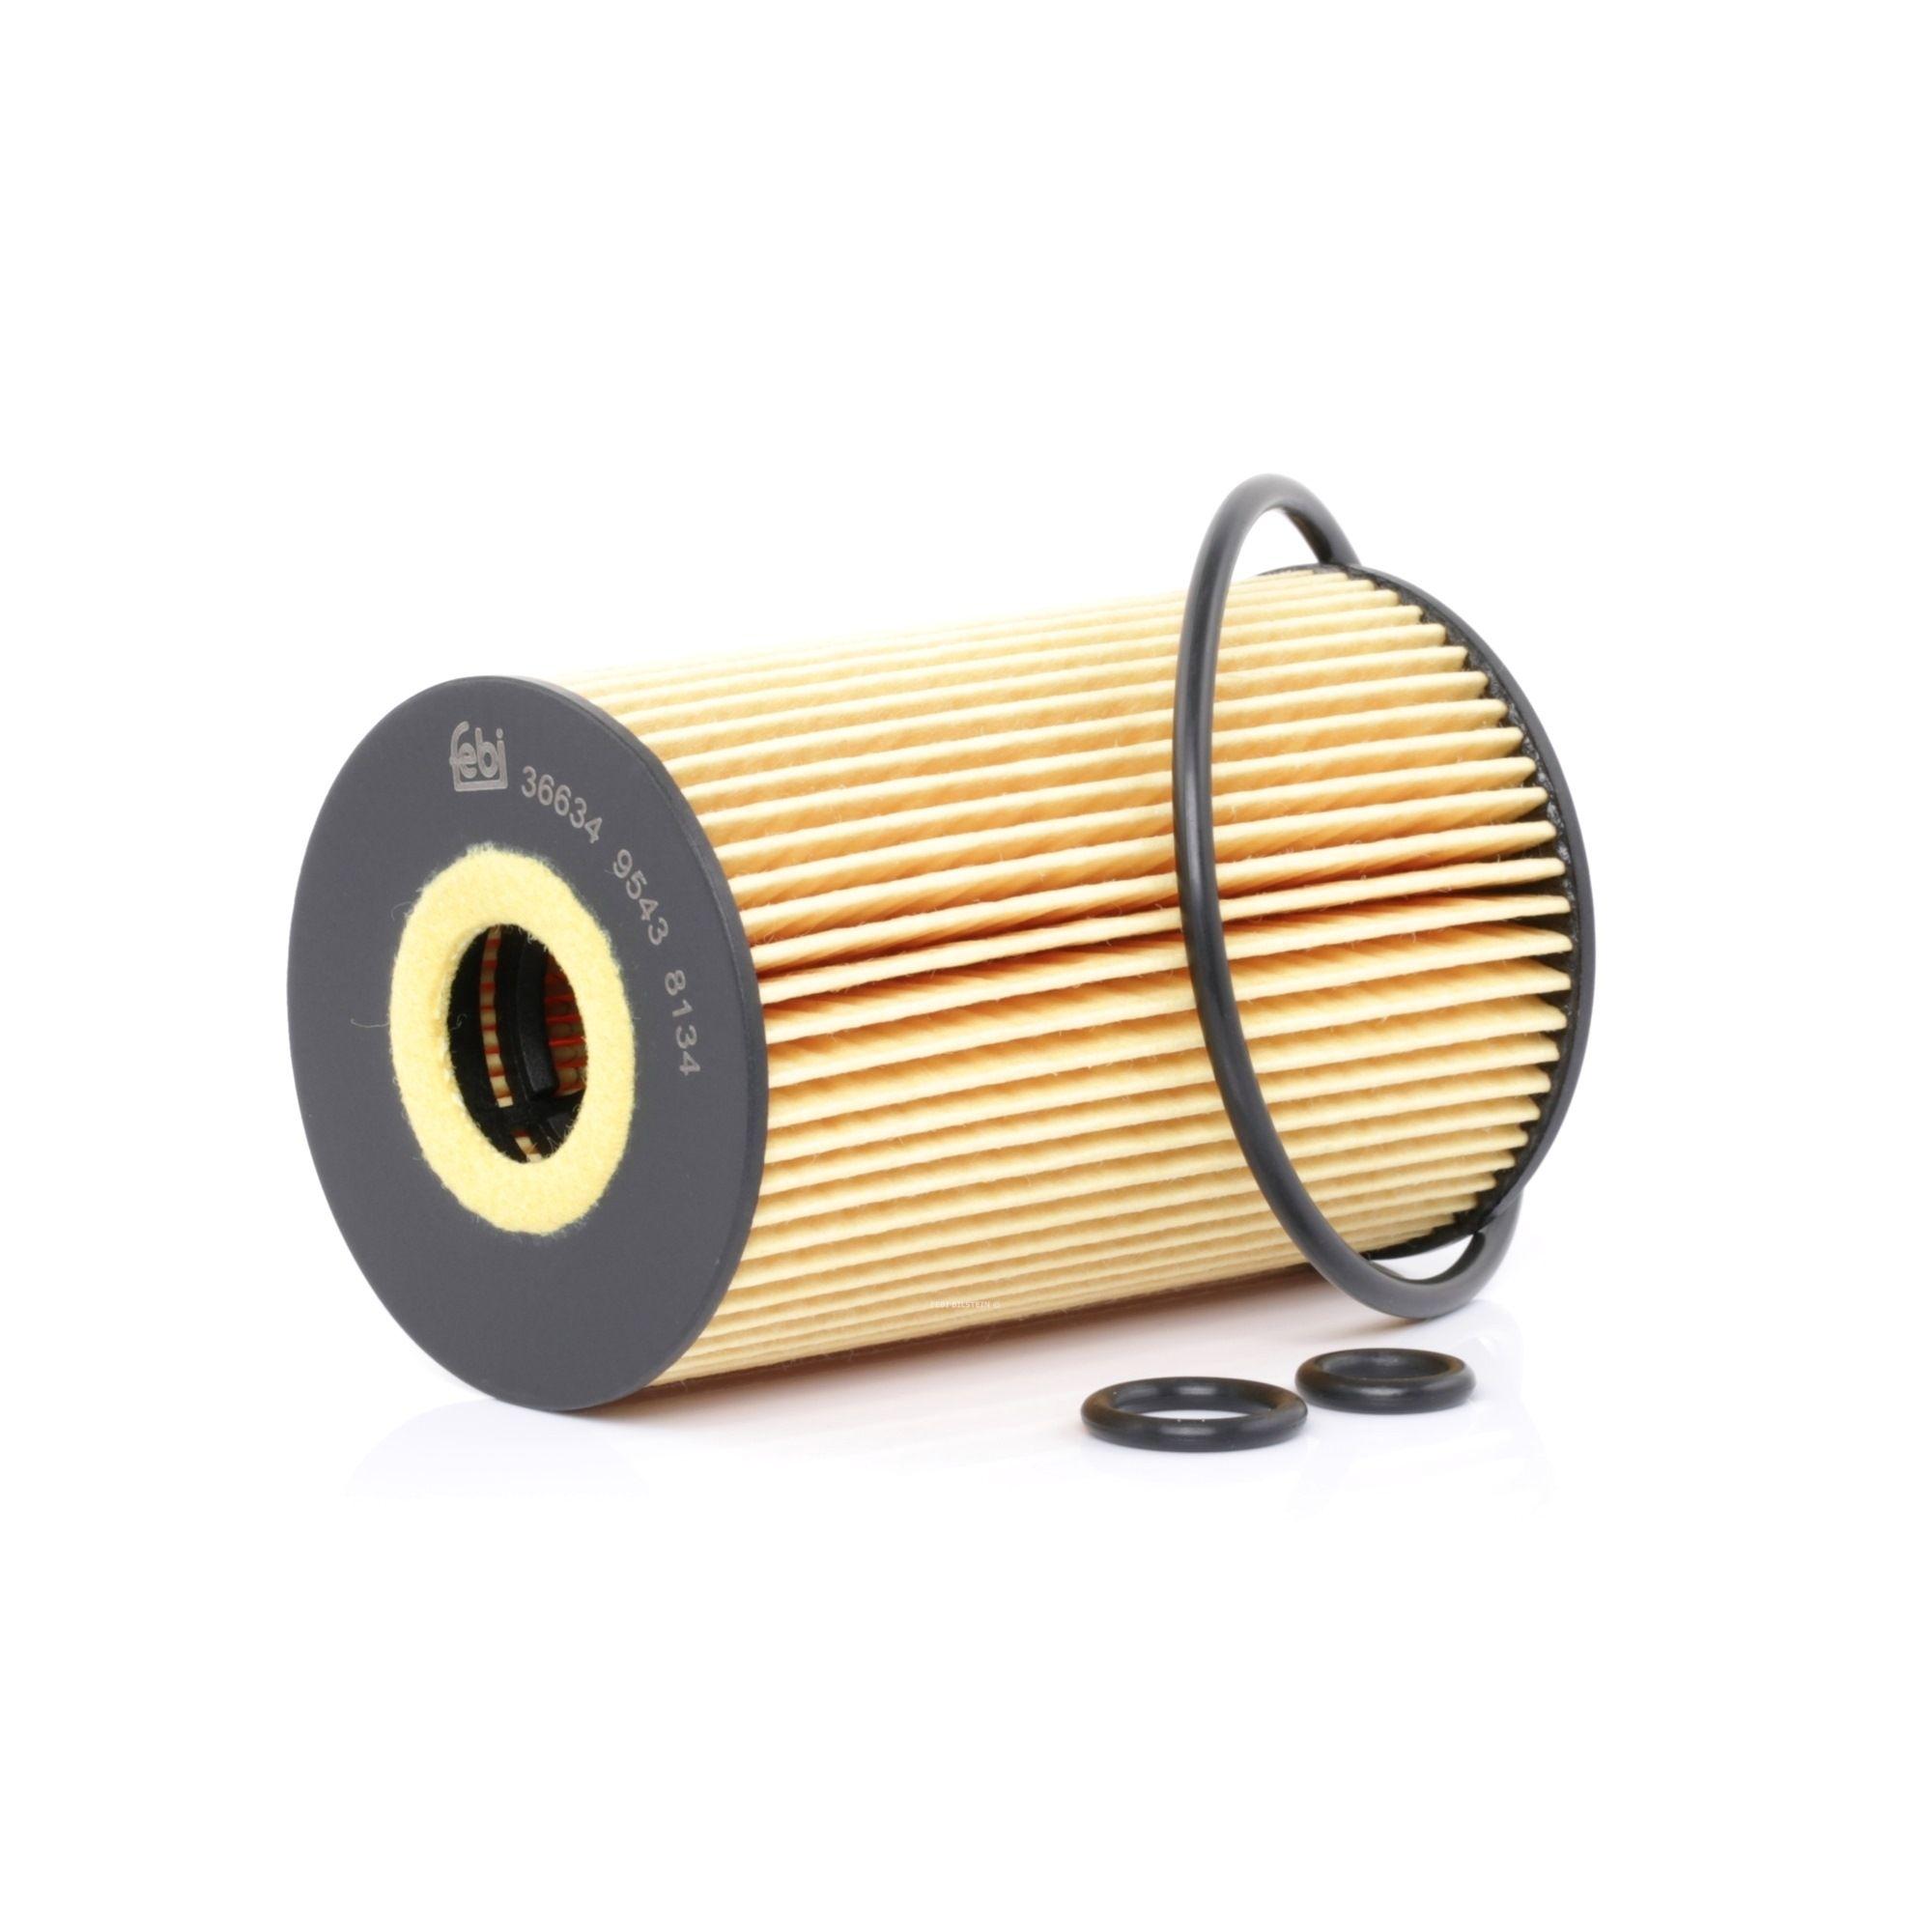 Achetez Filtre à huile FEBI BILSTEIN 36634 (Diamètre intérieur: 21,0mm, Ø: 65,0mm, Hauteur: 101mm) à un rapport qualité-prix exceptionnel